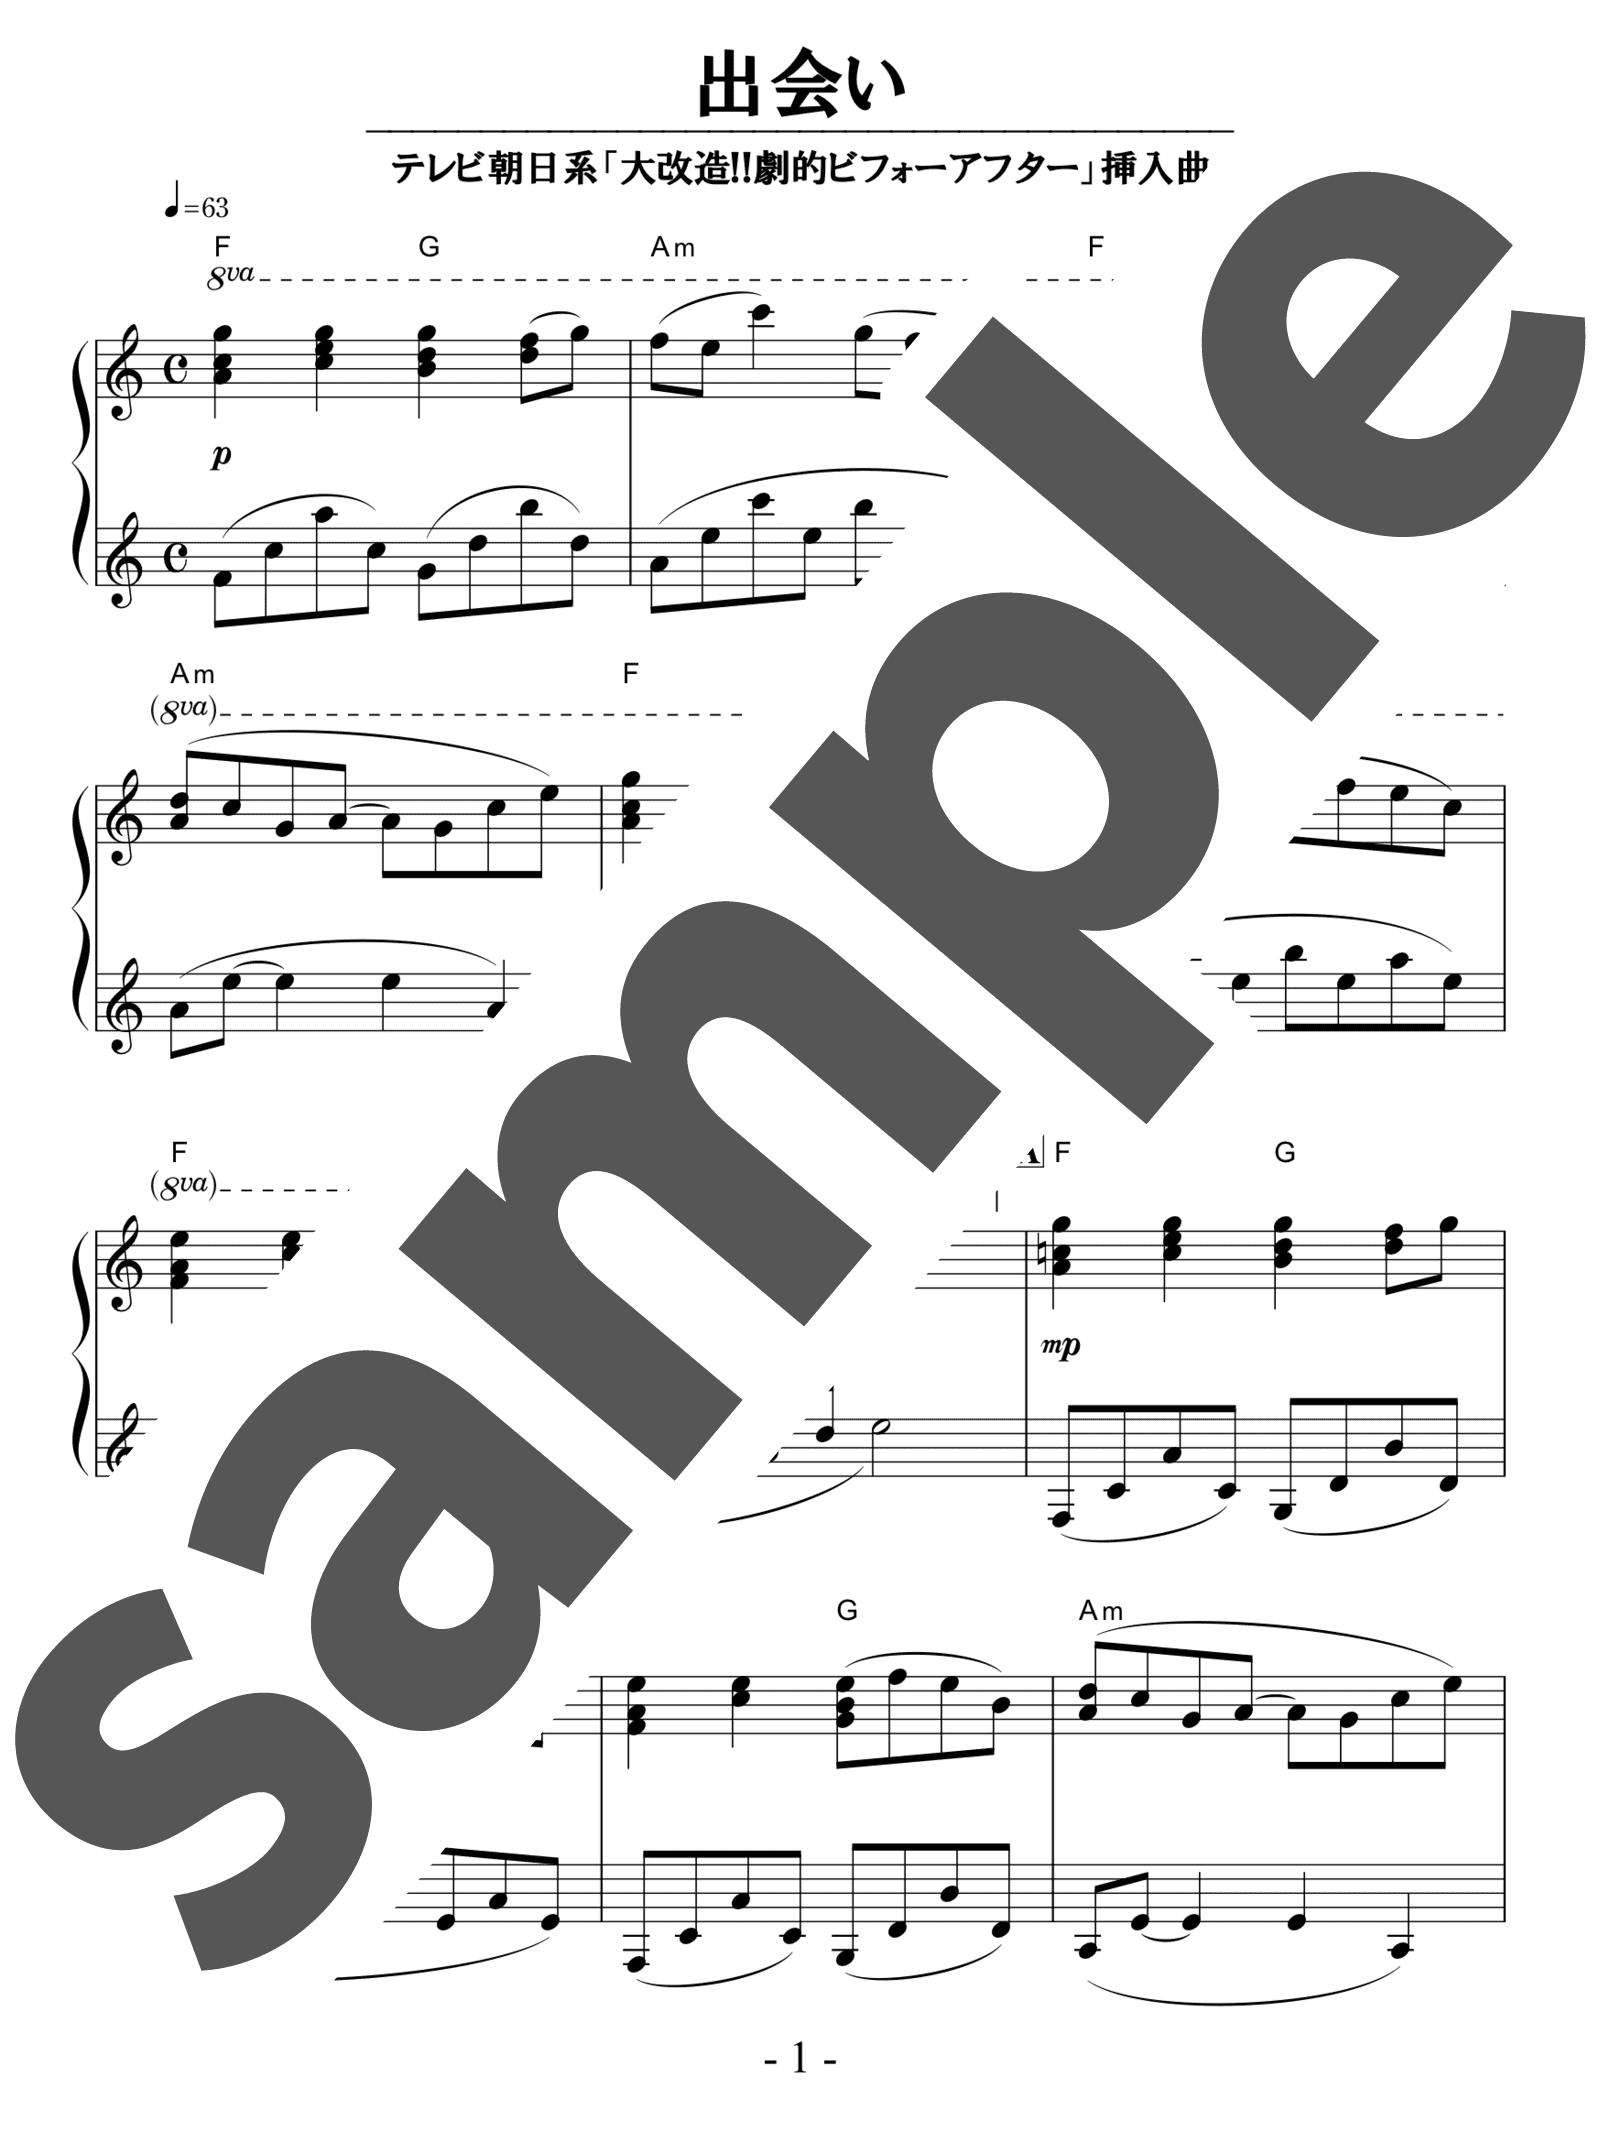 「出会い」のサンプル楽譜